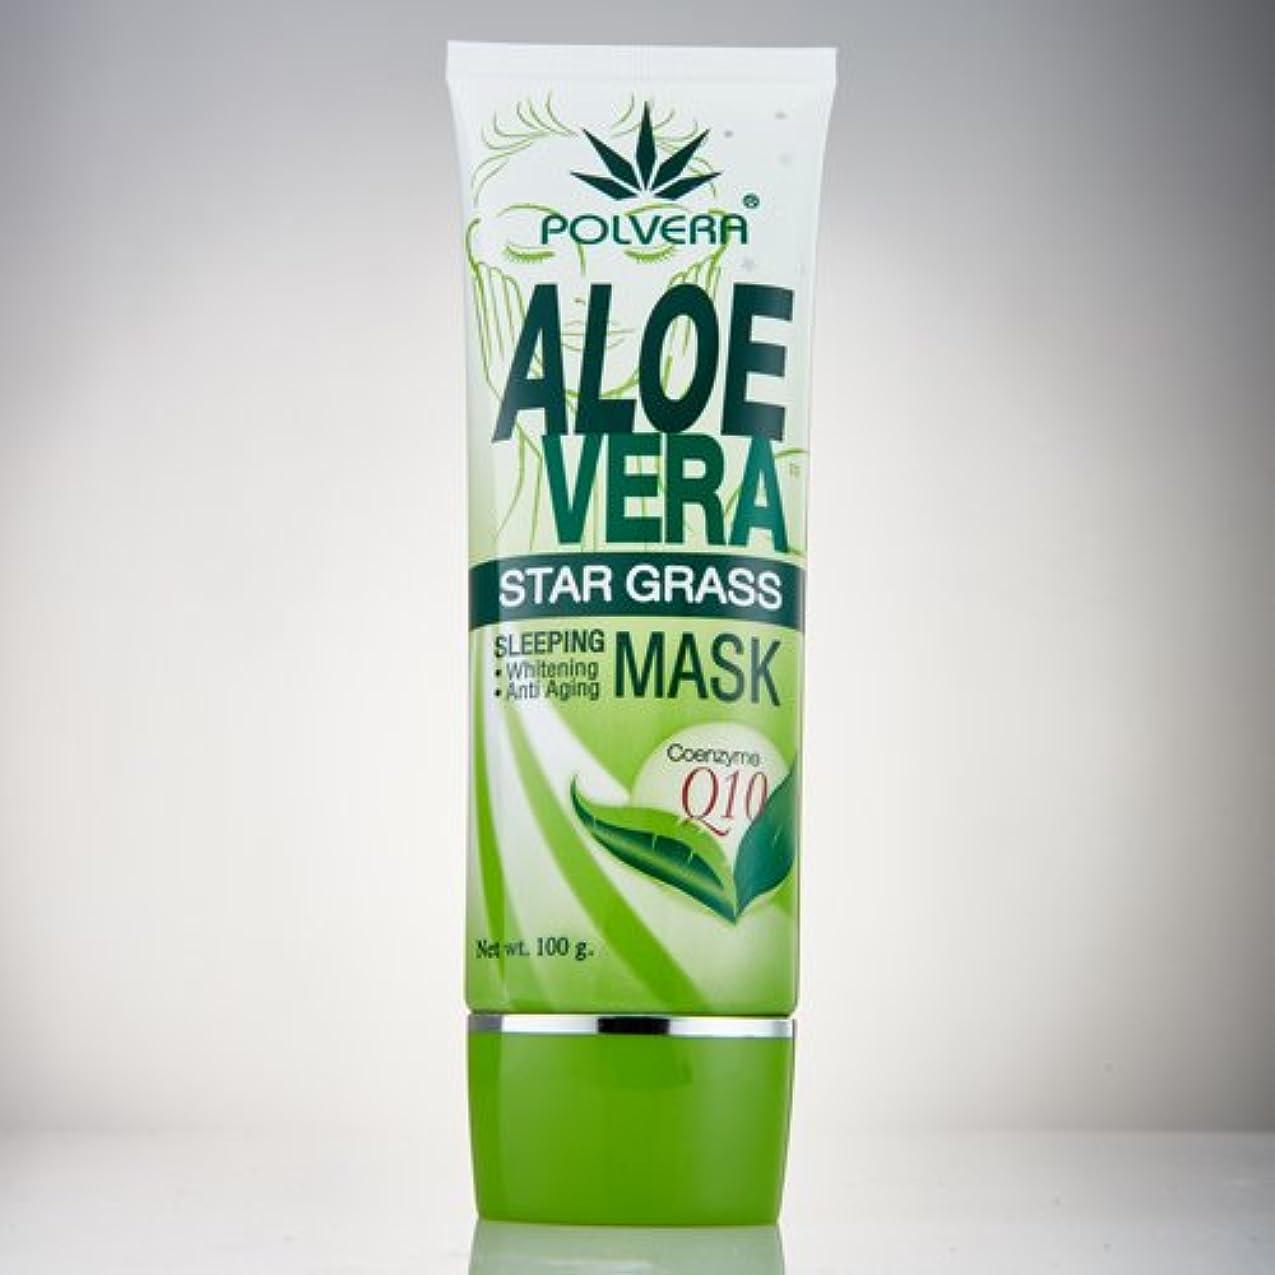 代表現実的ランチョンフレッシュアロエベラスターグラススリーピングマスクCo-Q10 Polvera Fresh Aloe Vera Star Grass Mask Gel Co-Q10 100g